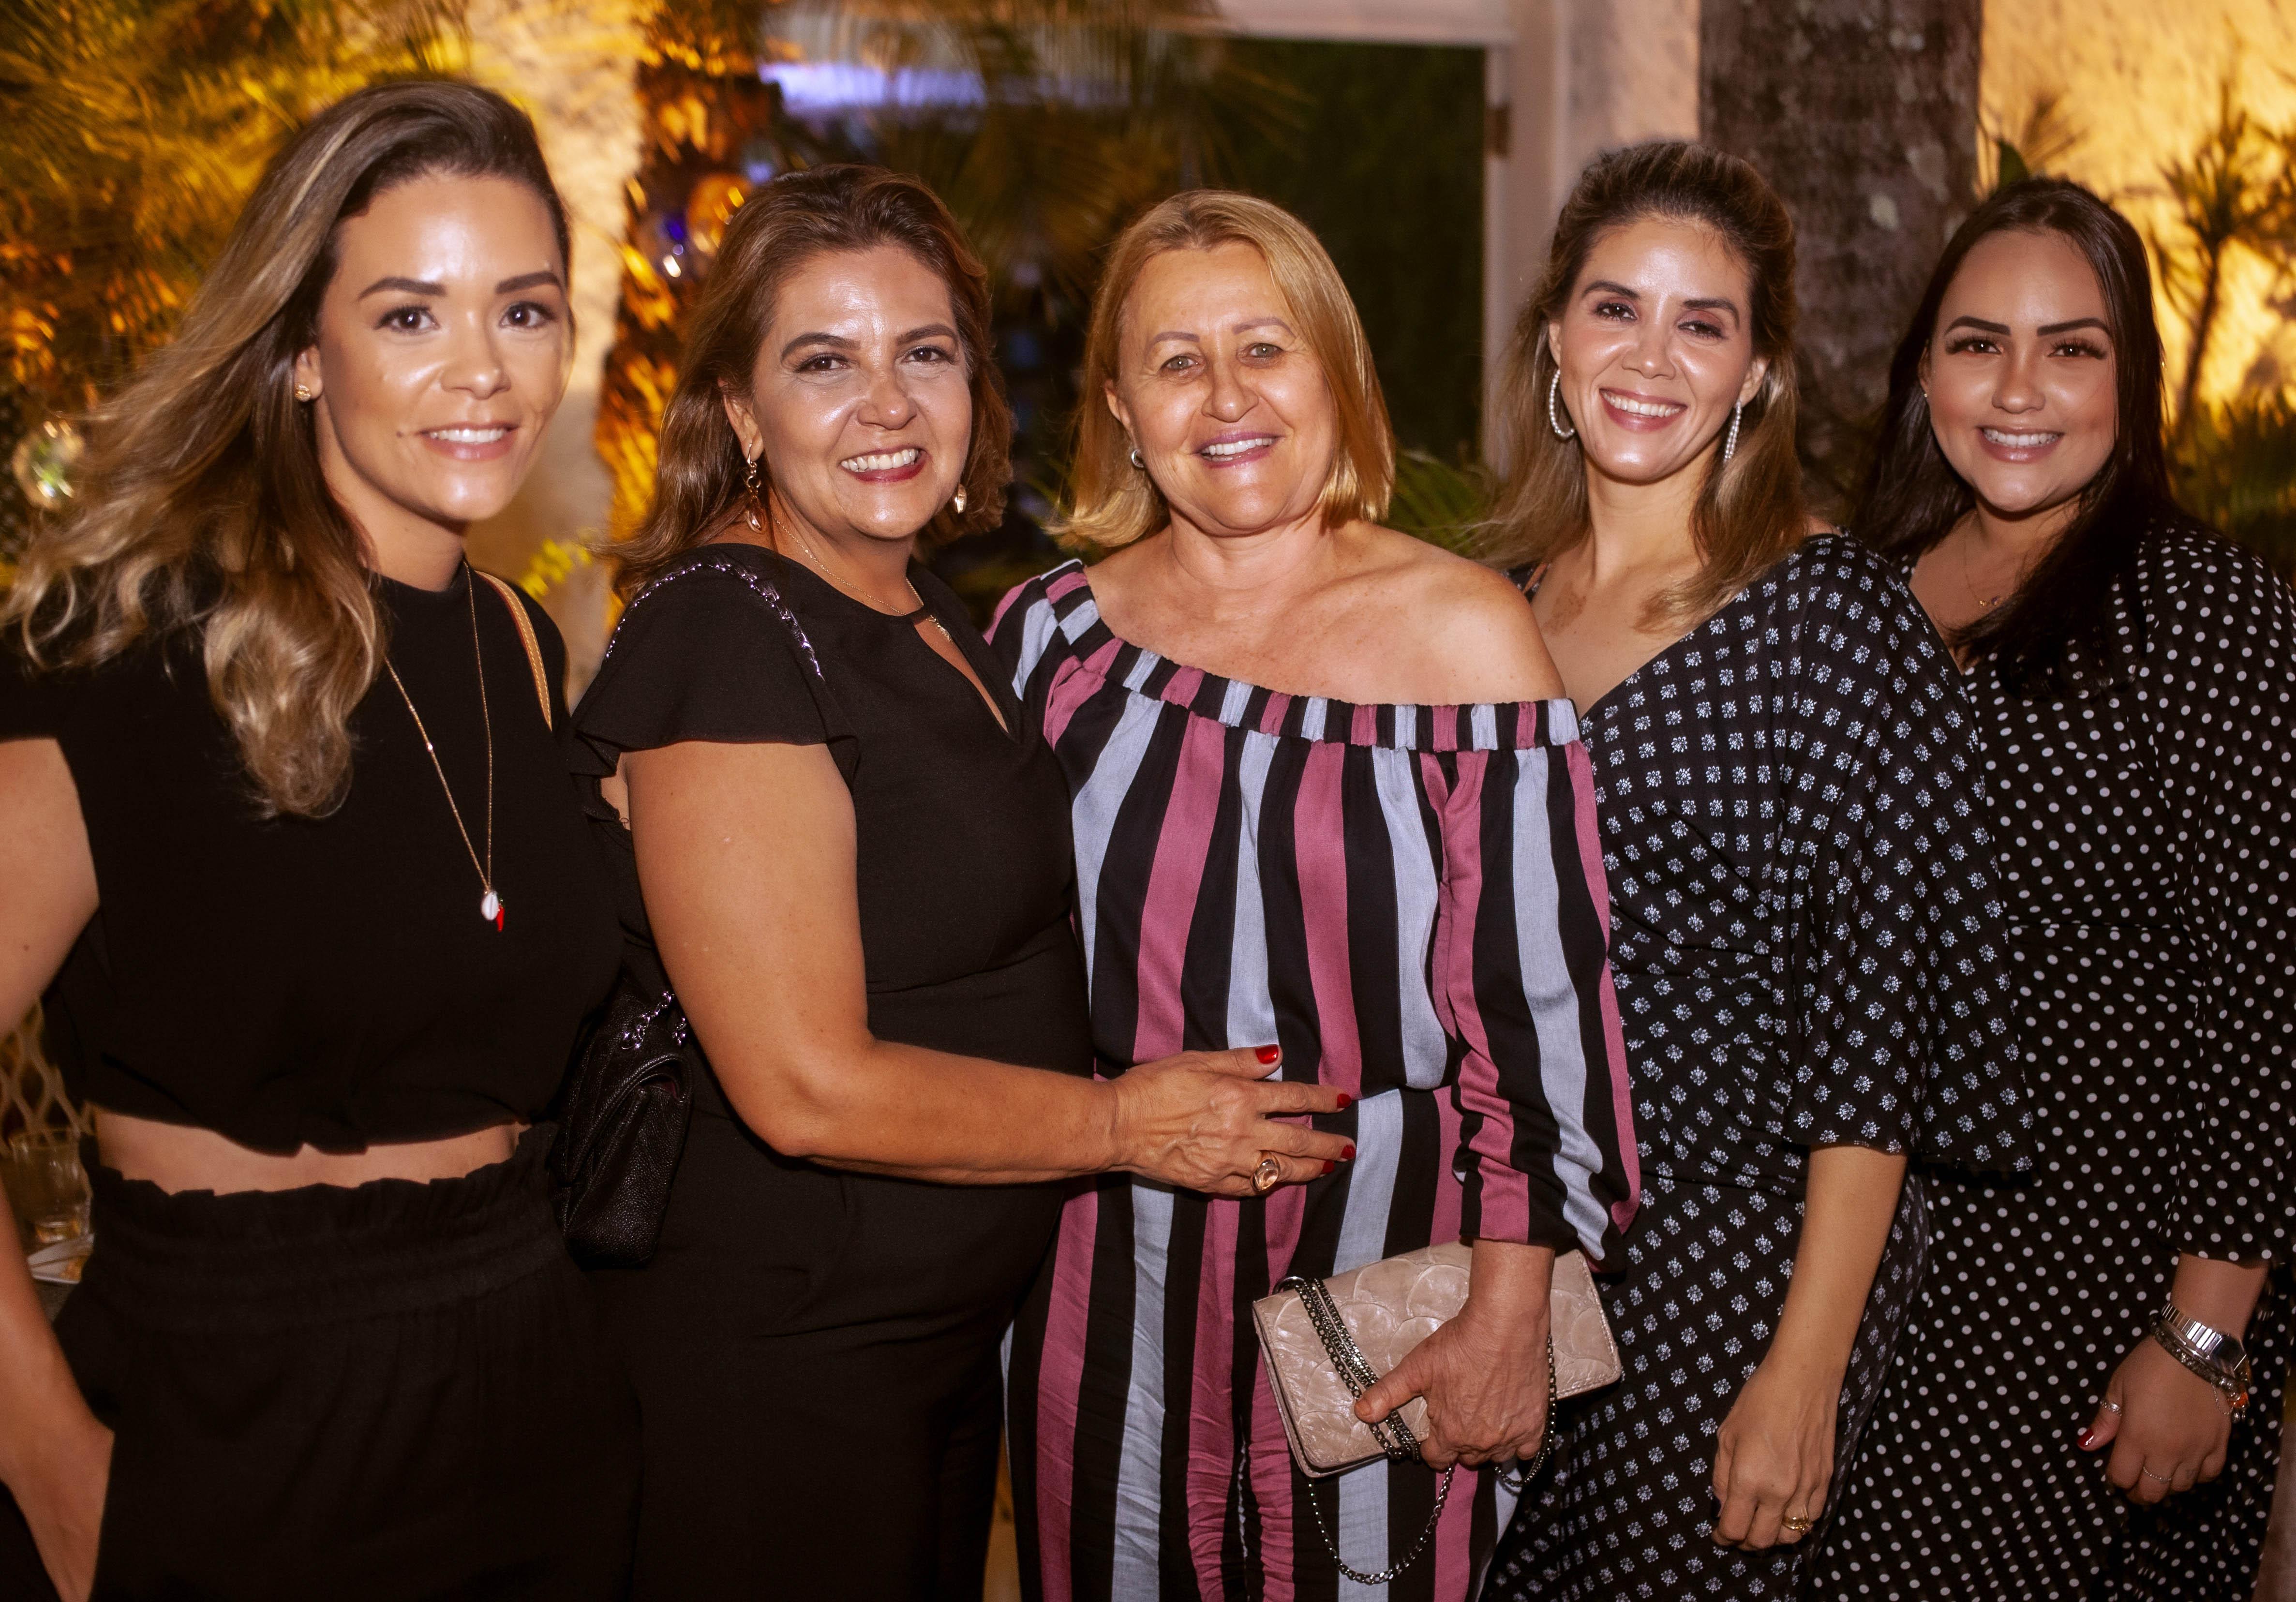 Nanayana Cavalieri, Ana Maria Cavalieri, Penha Coelho, Francini Cavalieri e Ana Paula Cavalieri. Fotos: Rodger Savaris